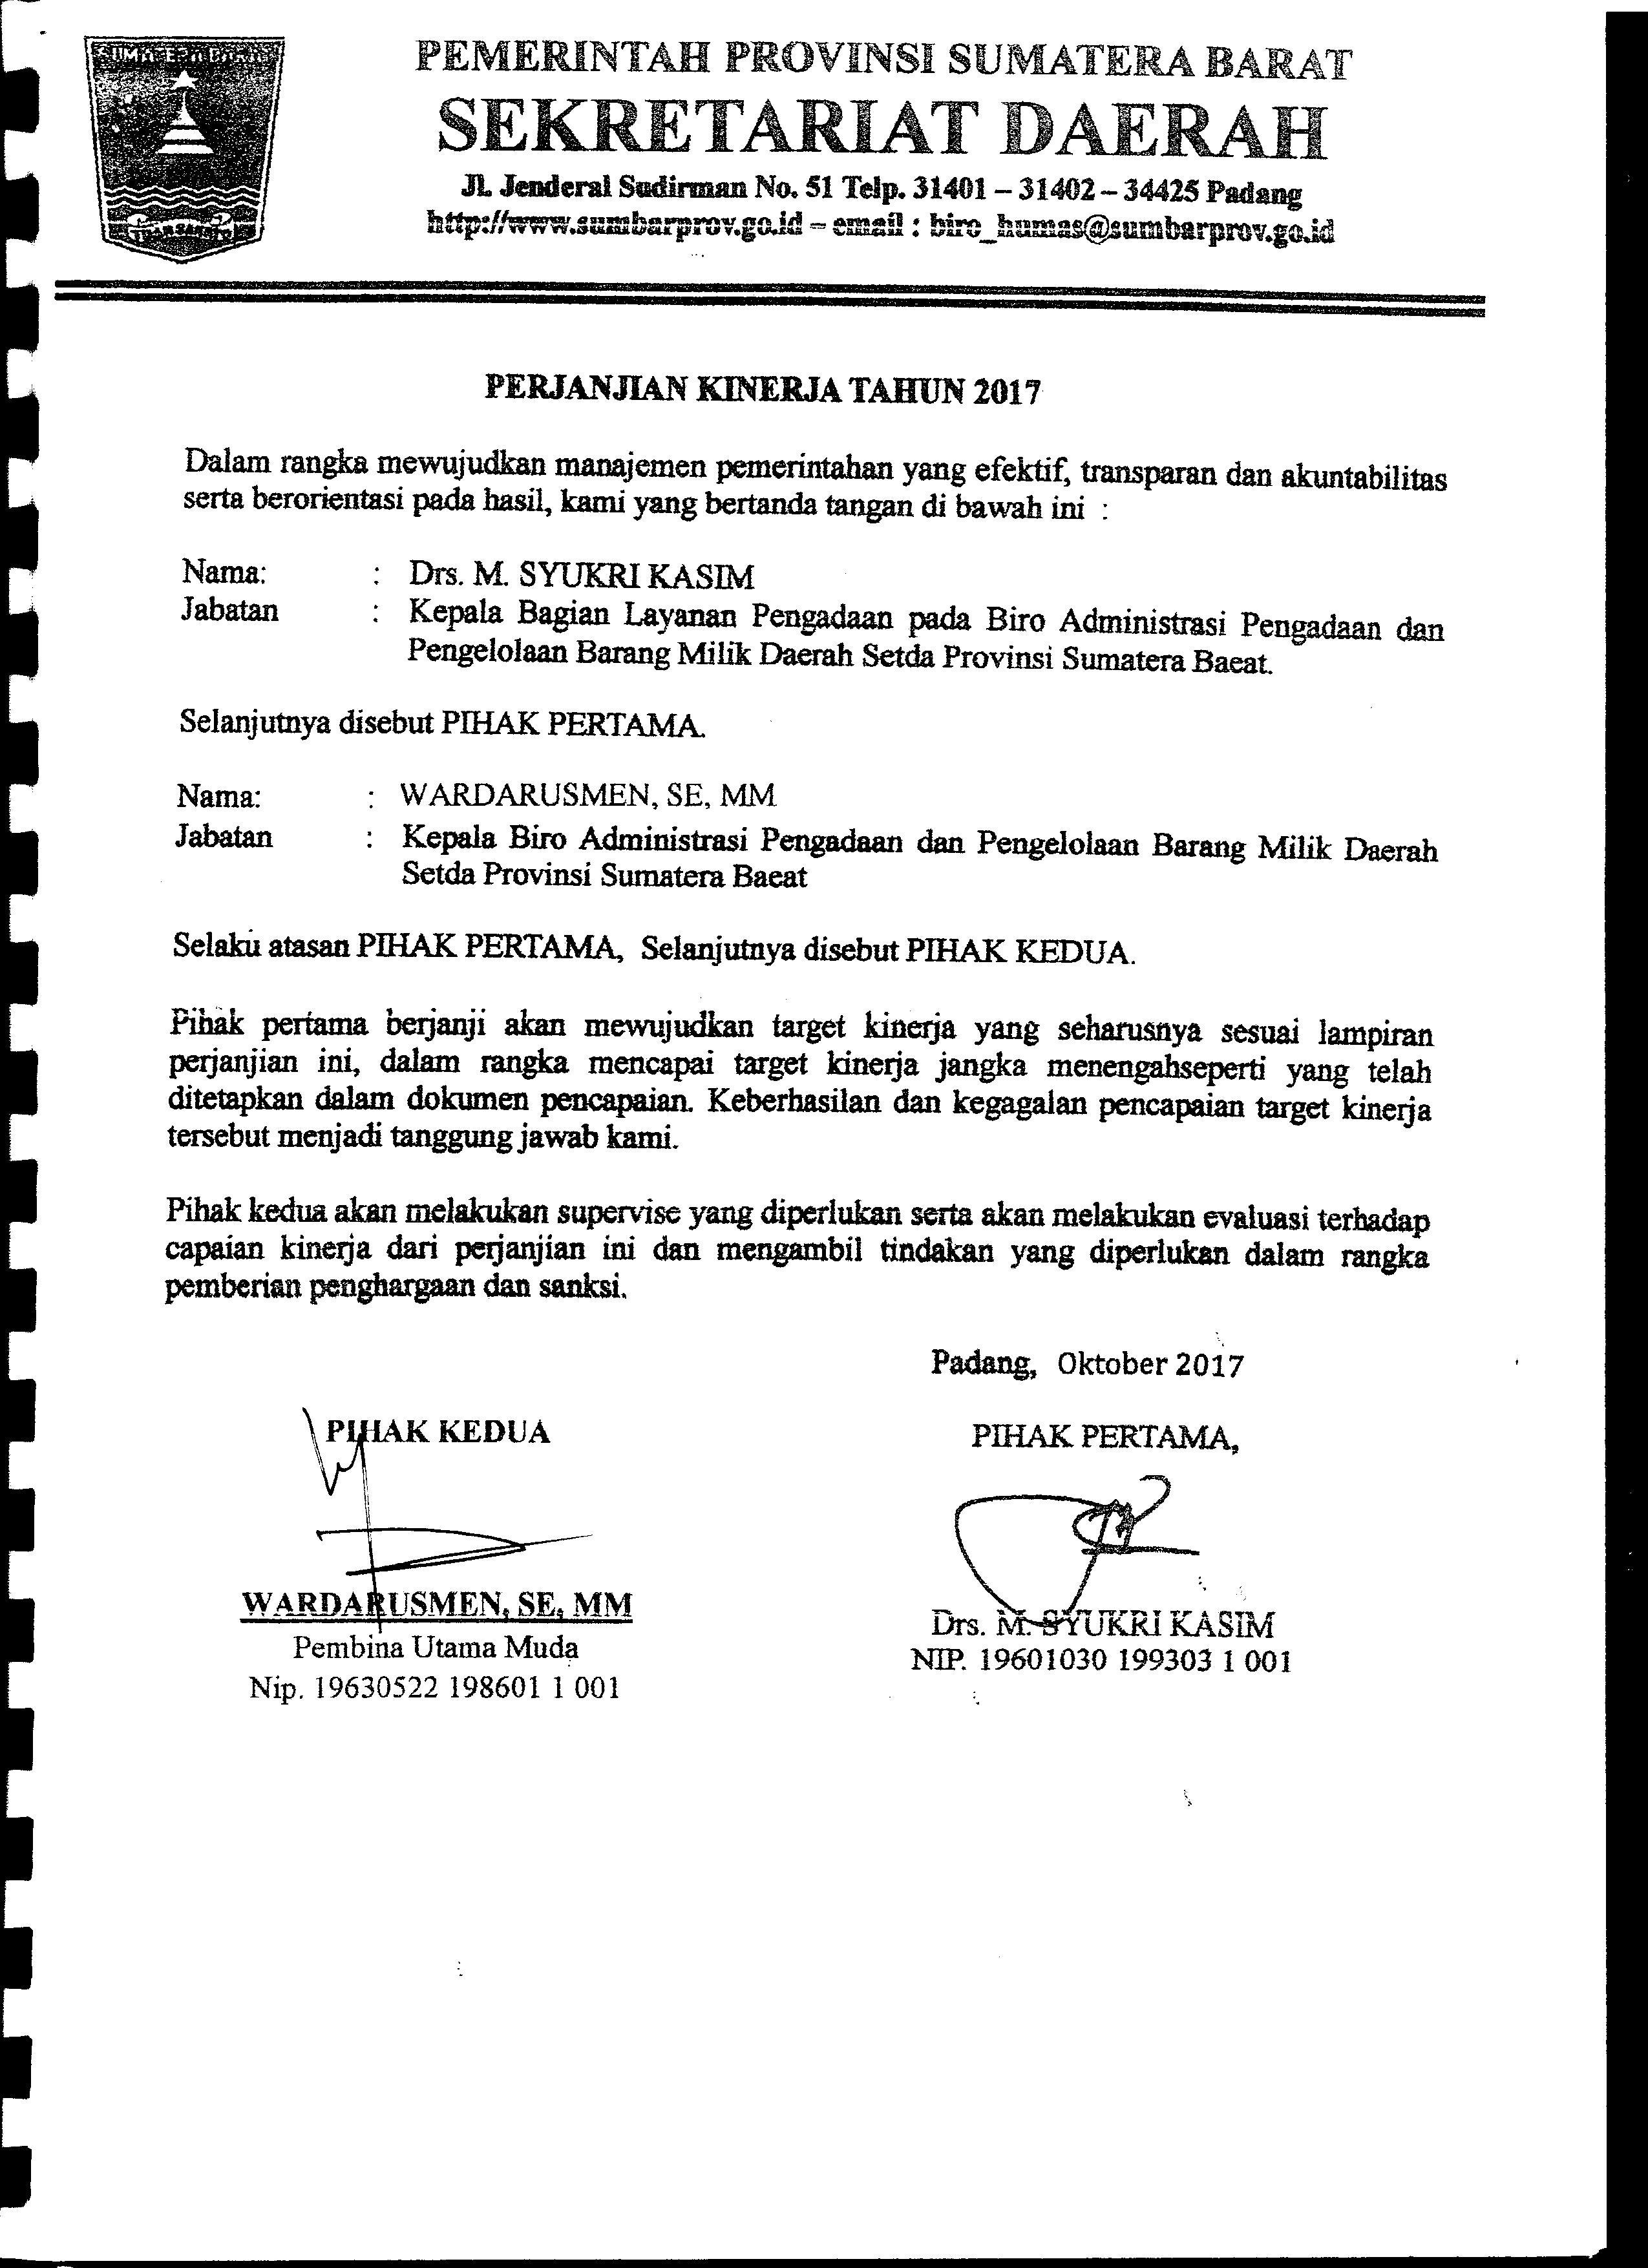 Perjanjian Kinerja Kabag. Layanan Pengadaan Biro AP2BMD Tahun 2017